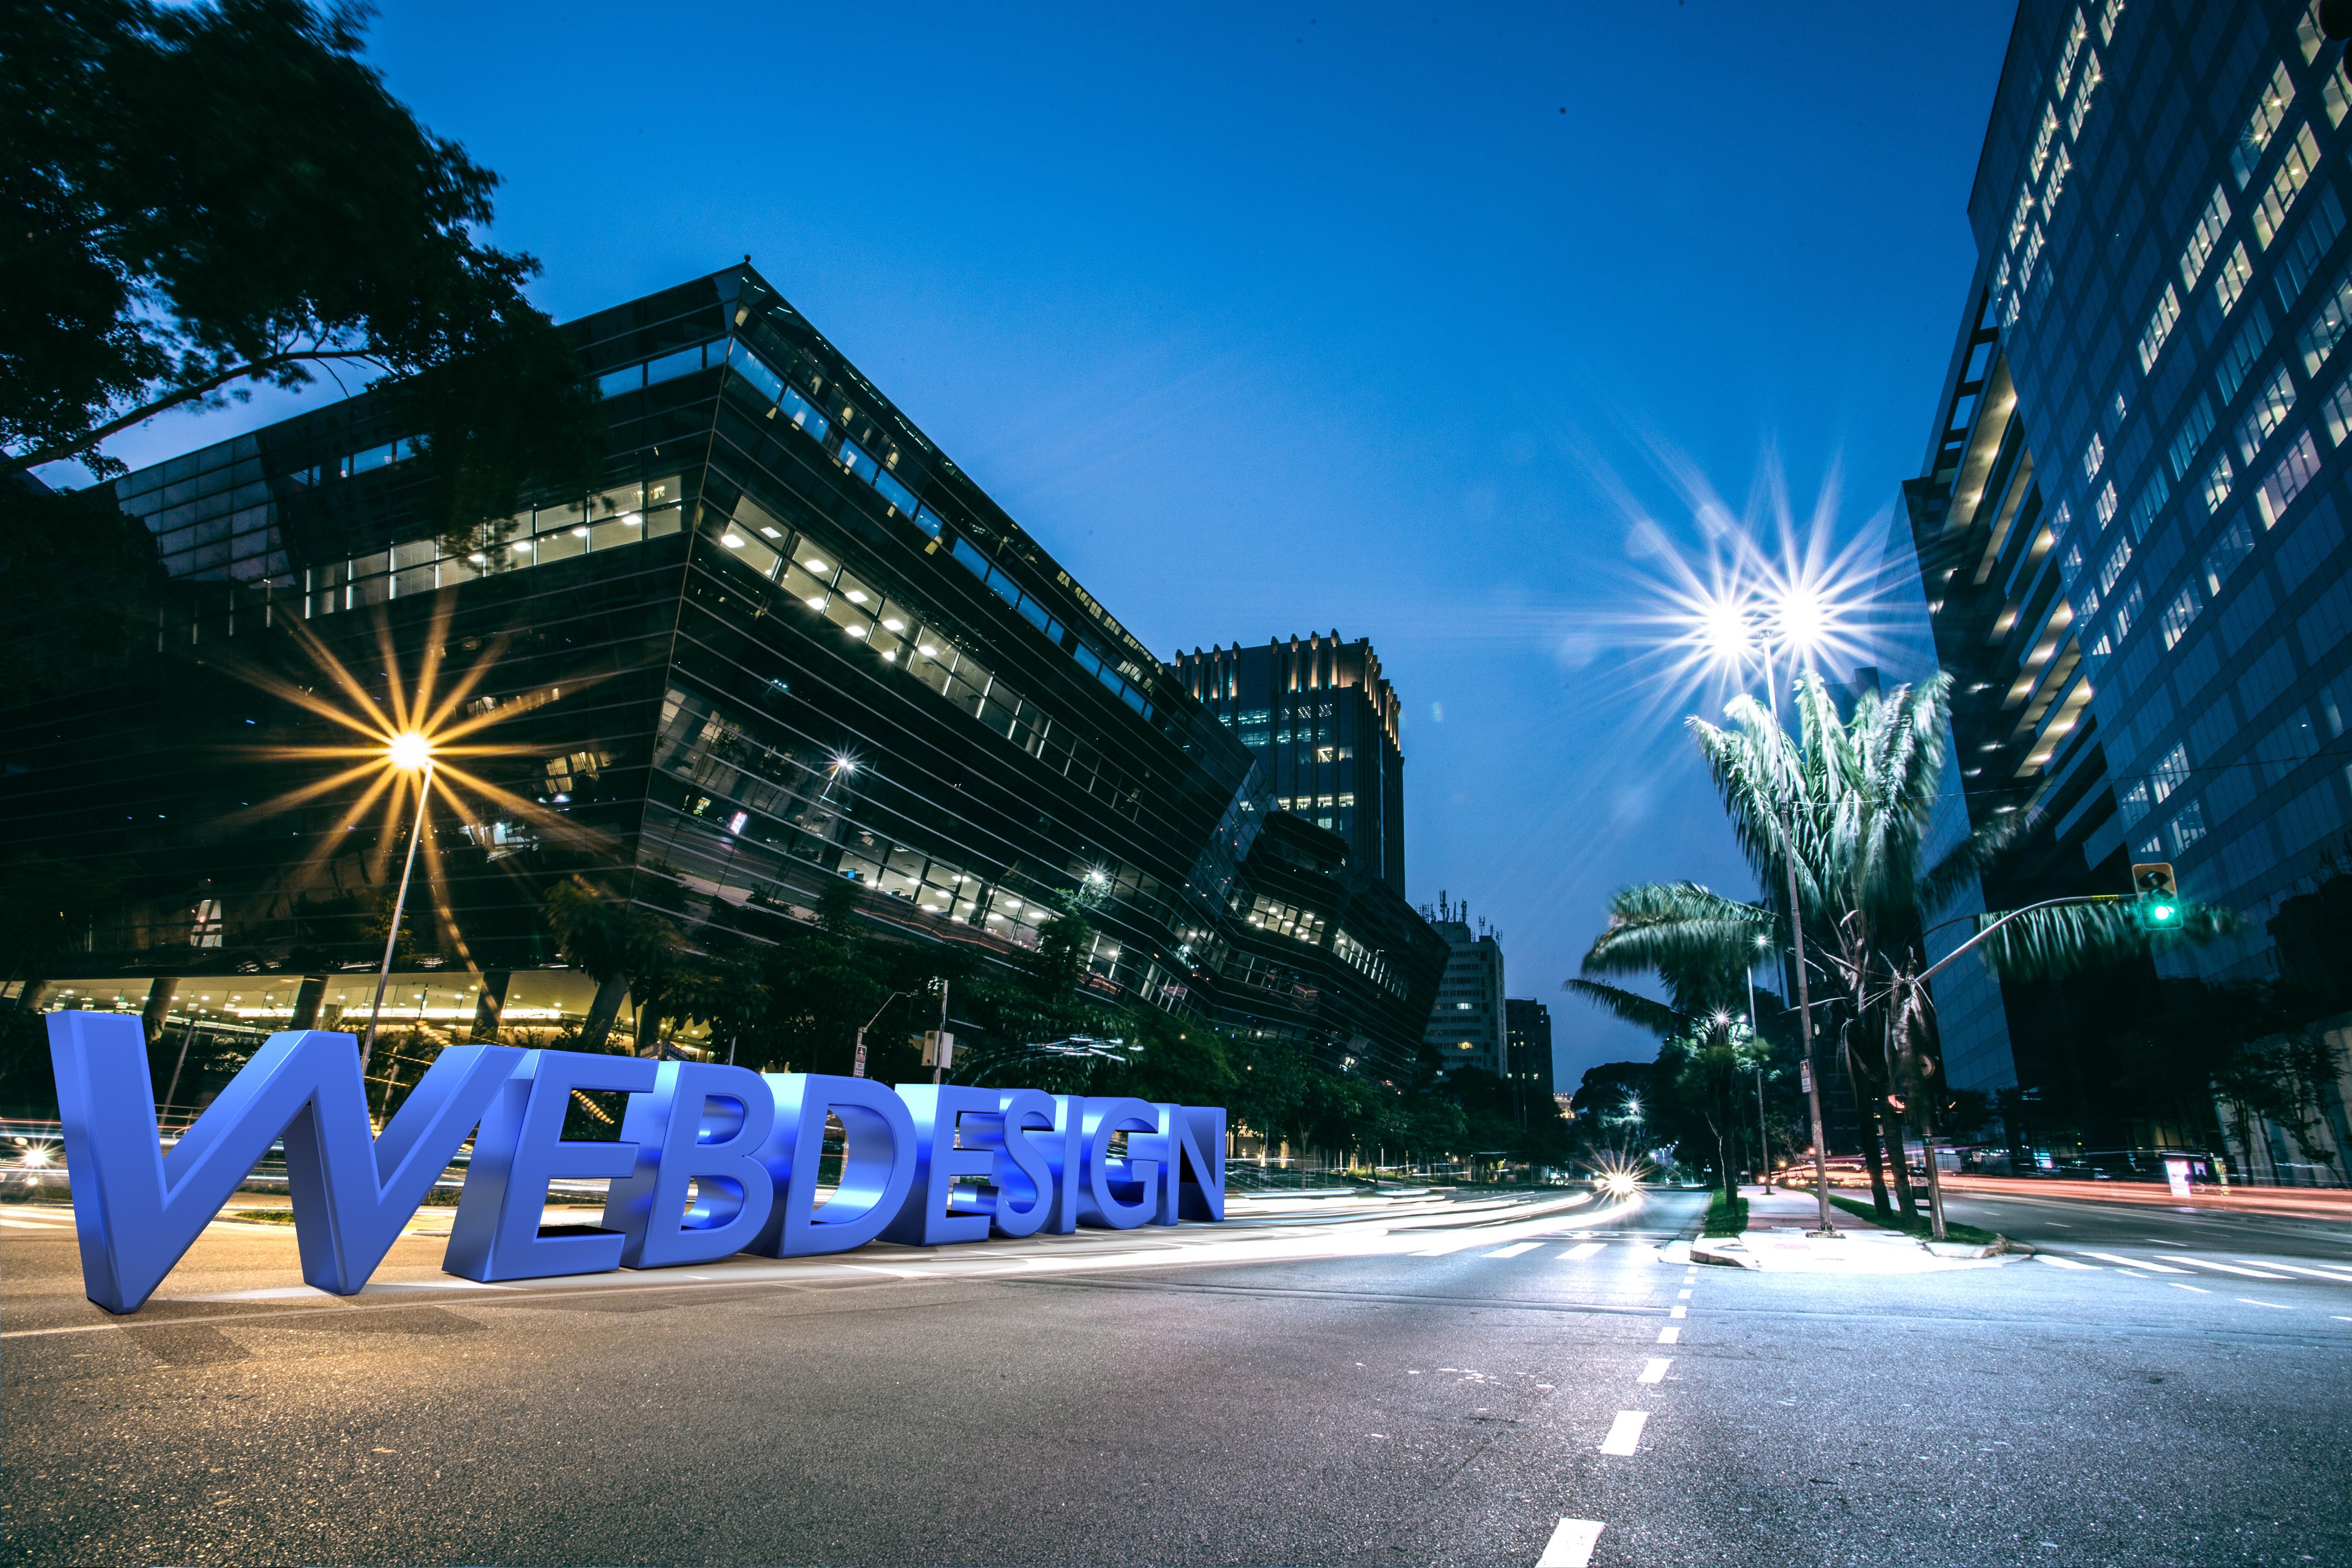 Der Schriftzug  Webdesign auf einer Straße bei Nacht